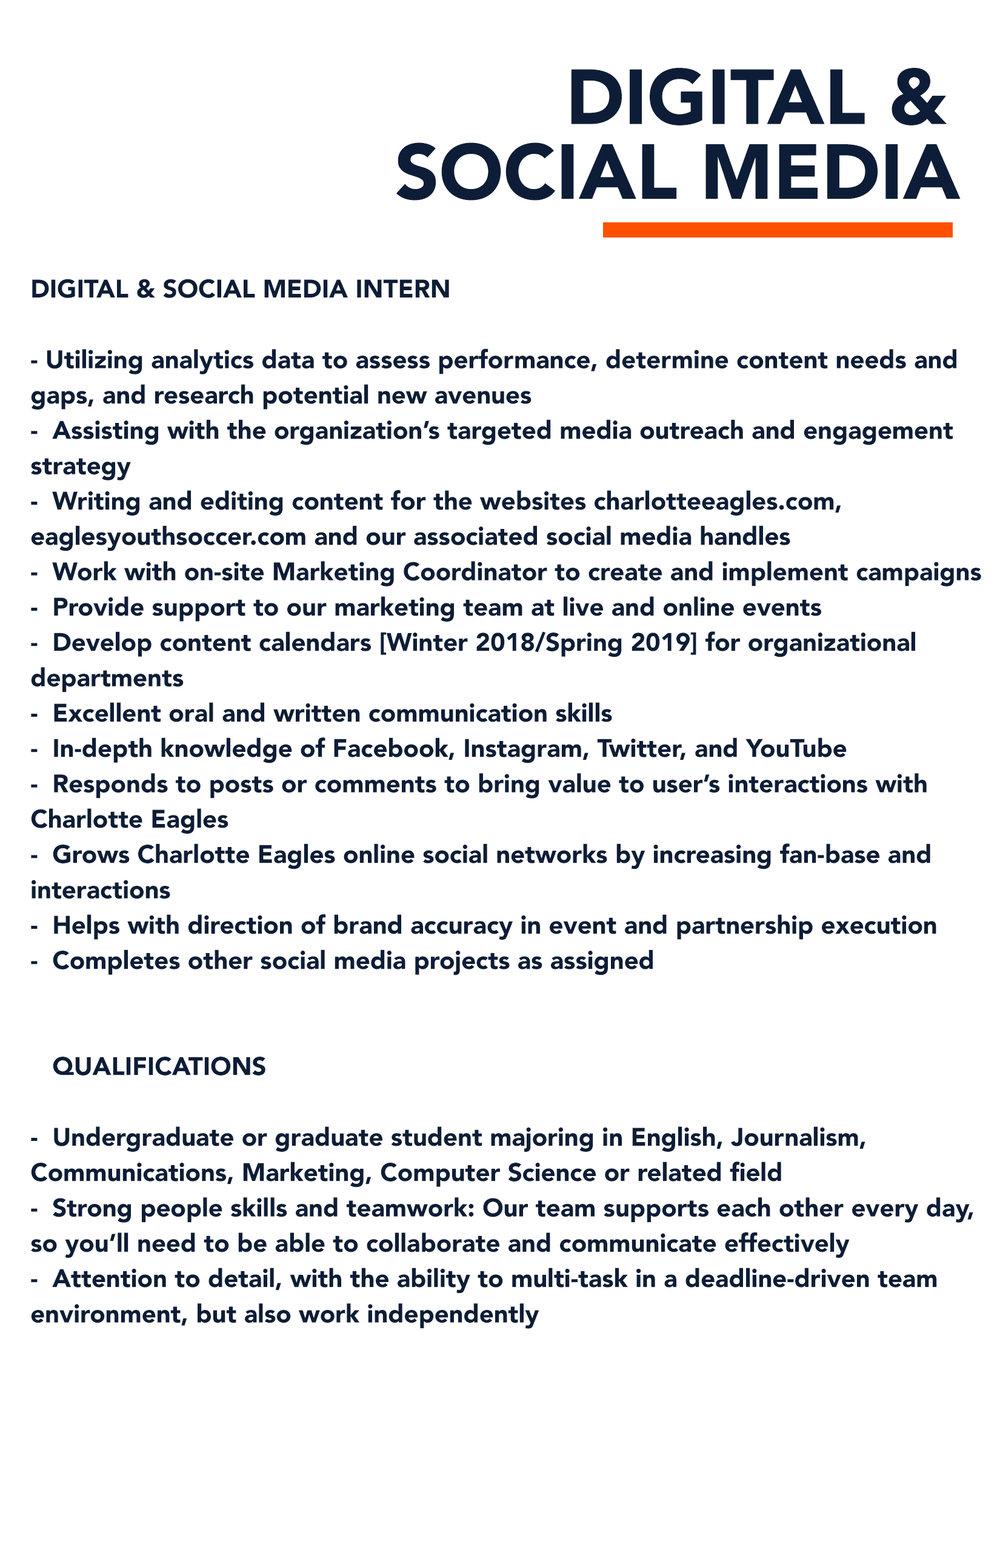 digital&socialmediaintern.jpg